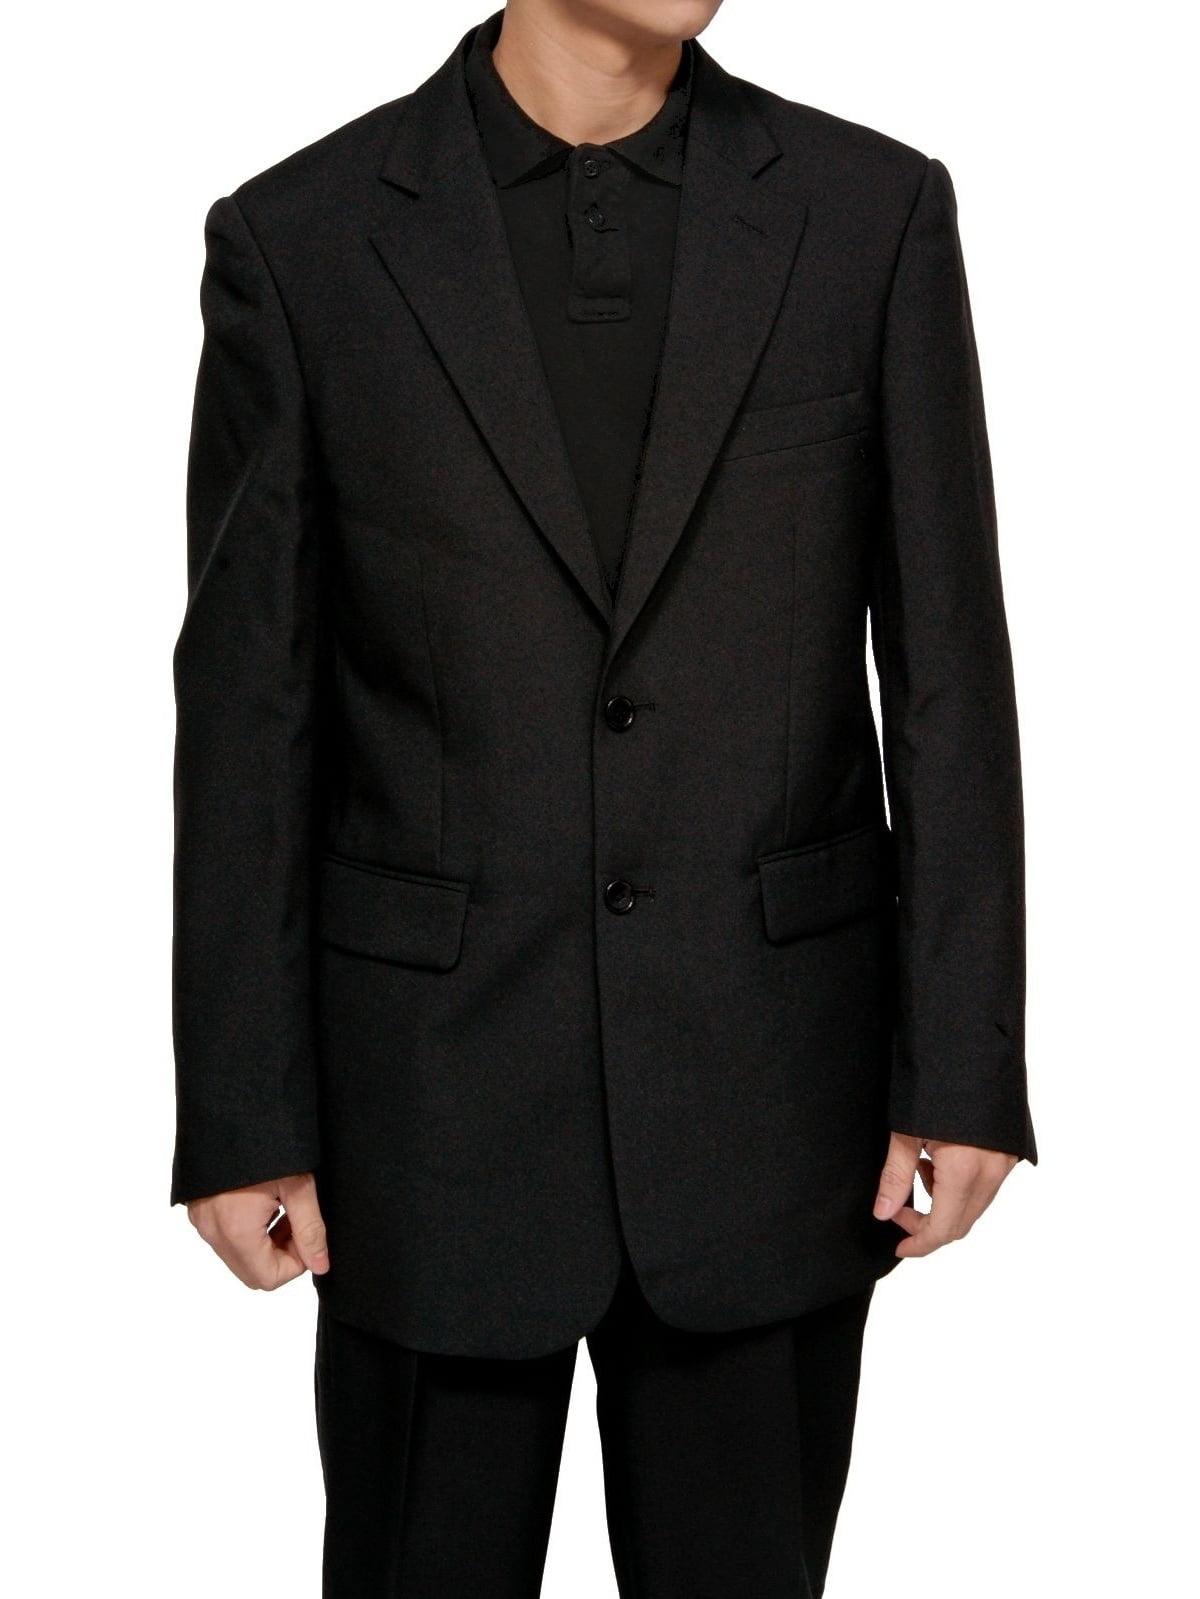 Mens Black Dress Suit - Includes Jacket & Pants